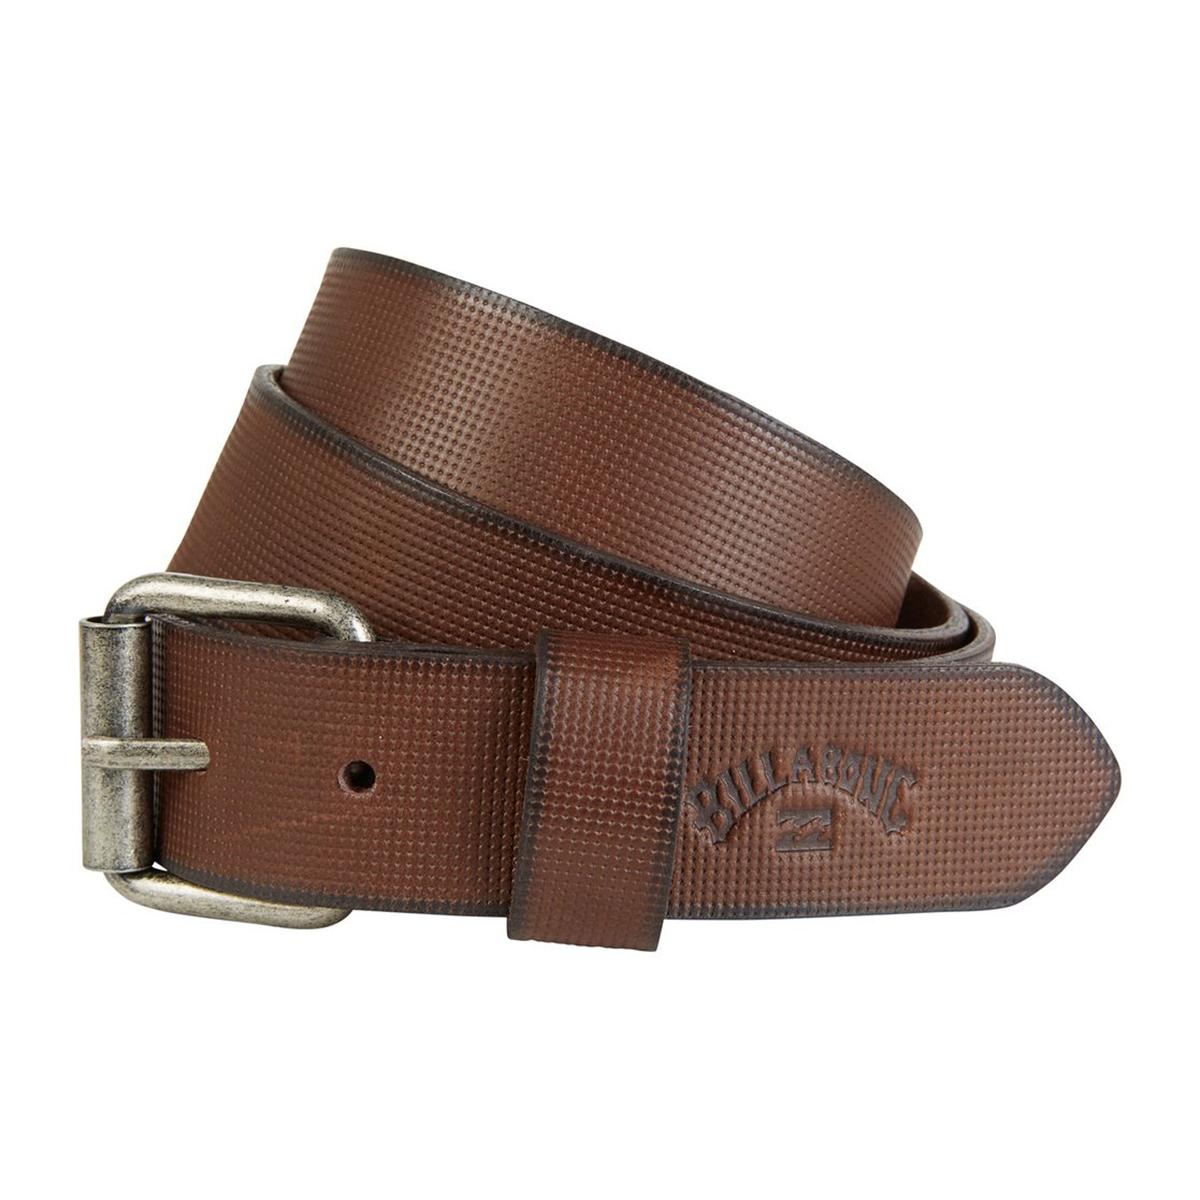 Кожаный мужской ремень Daily Leather